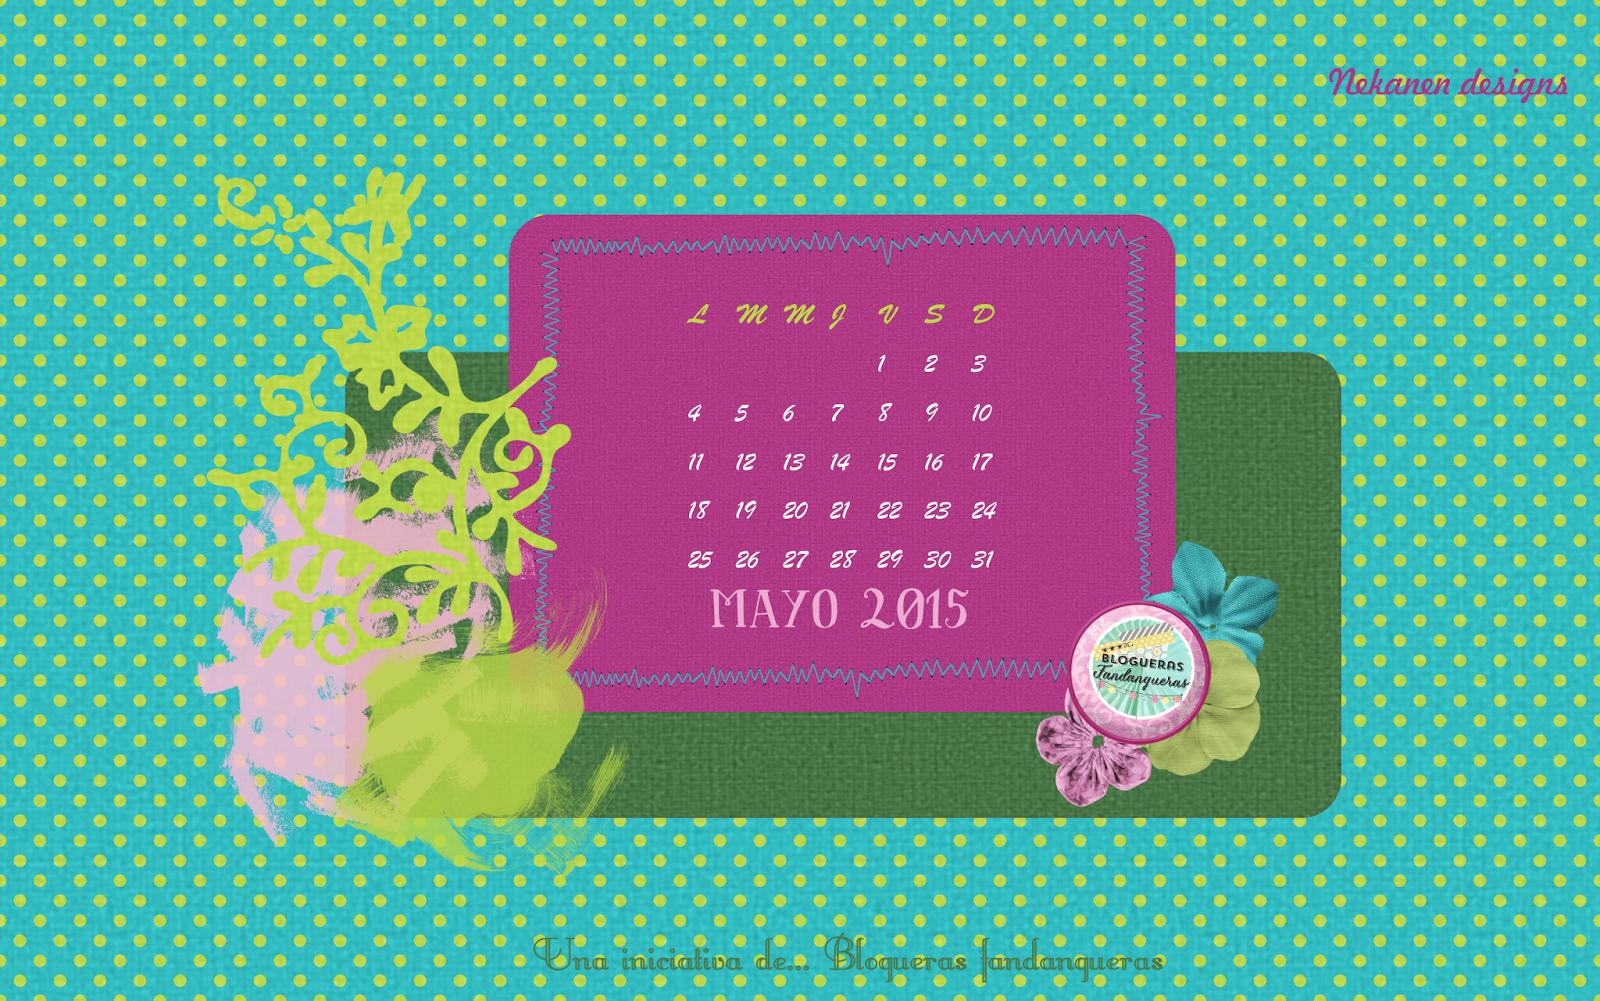 flores, topos, dots, calendar, pixelscrapper